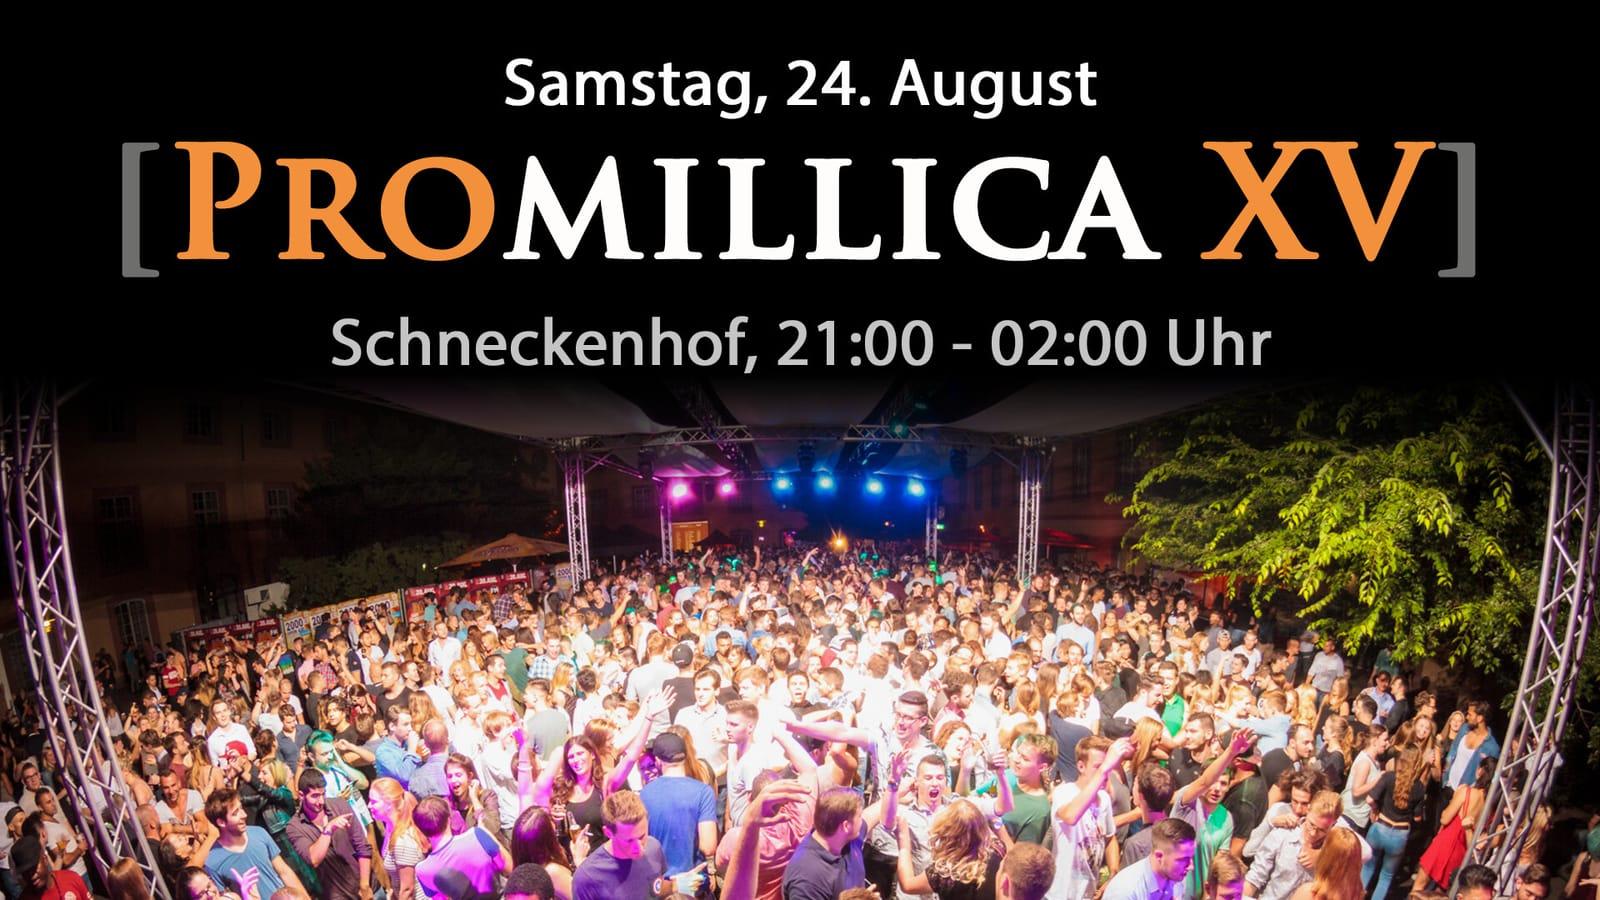 Promillica XV